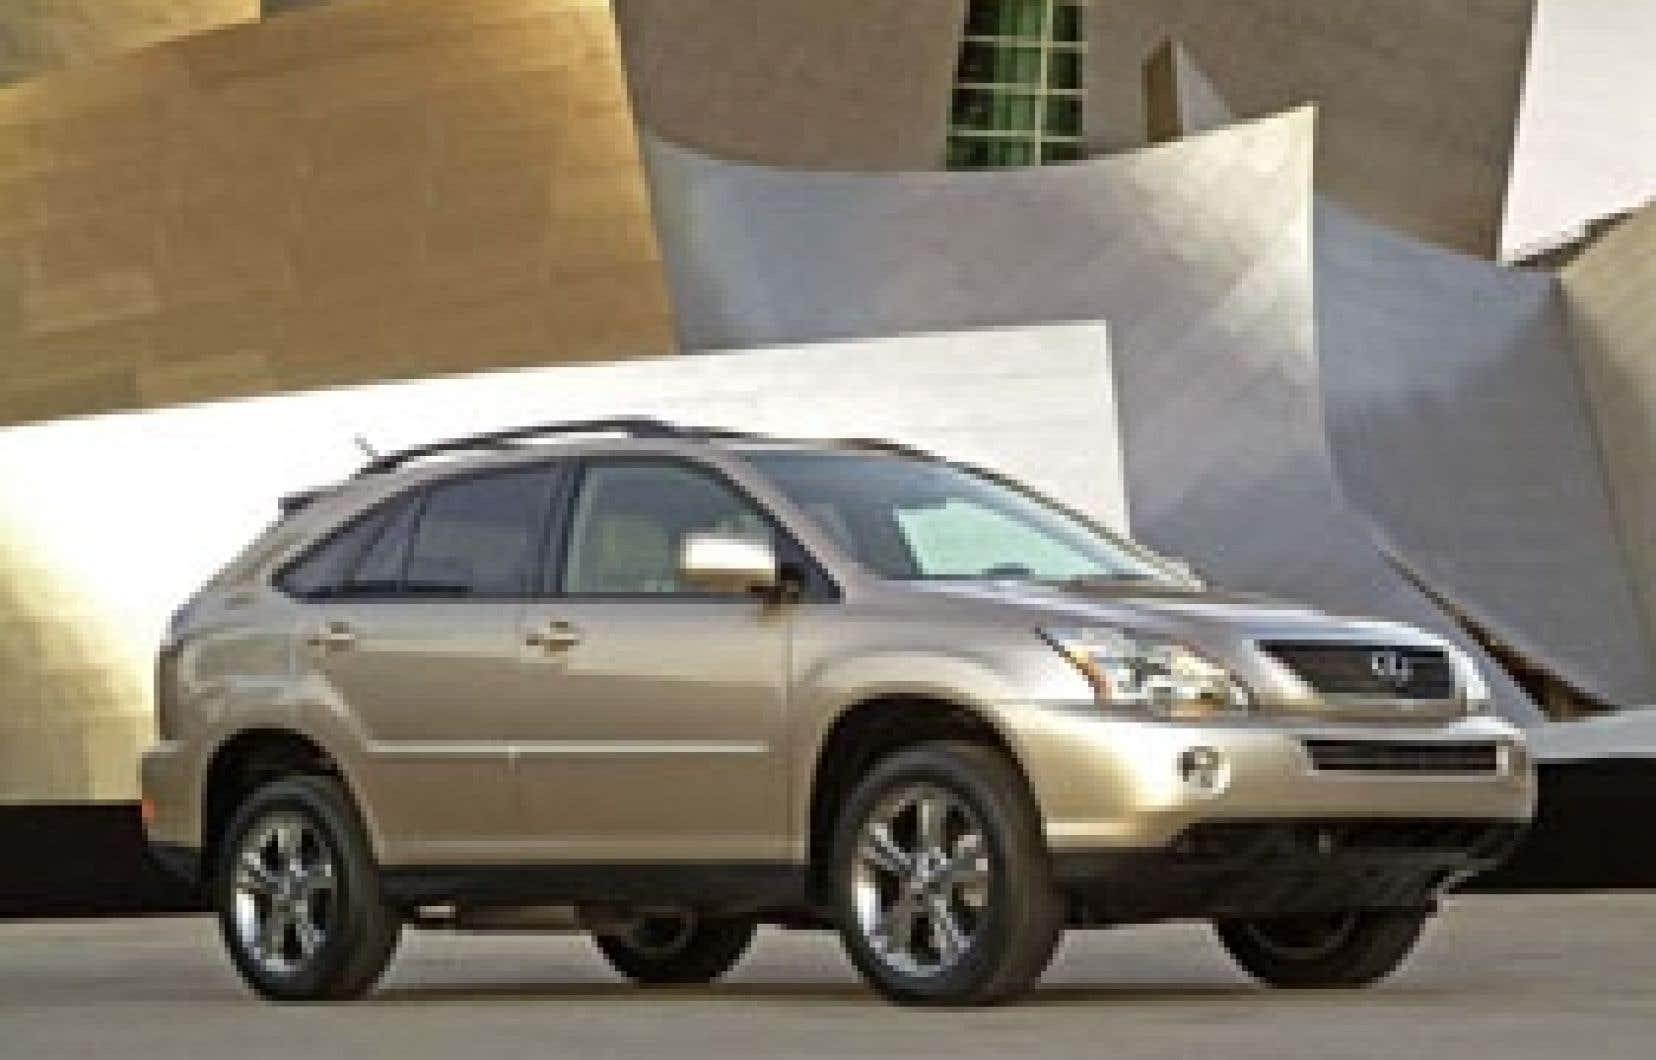 En 2004, Lexus présentait une nouvelle génération de RX qui suivait les traces de son prédecesseur le RX 300. Le RX 400h est mu par la combinaison d'un moteur V6 de 3,3 litres et de moteurs électriques disposés à l'avant et à l'arrière du